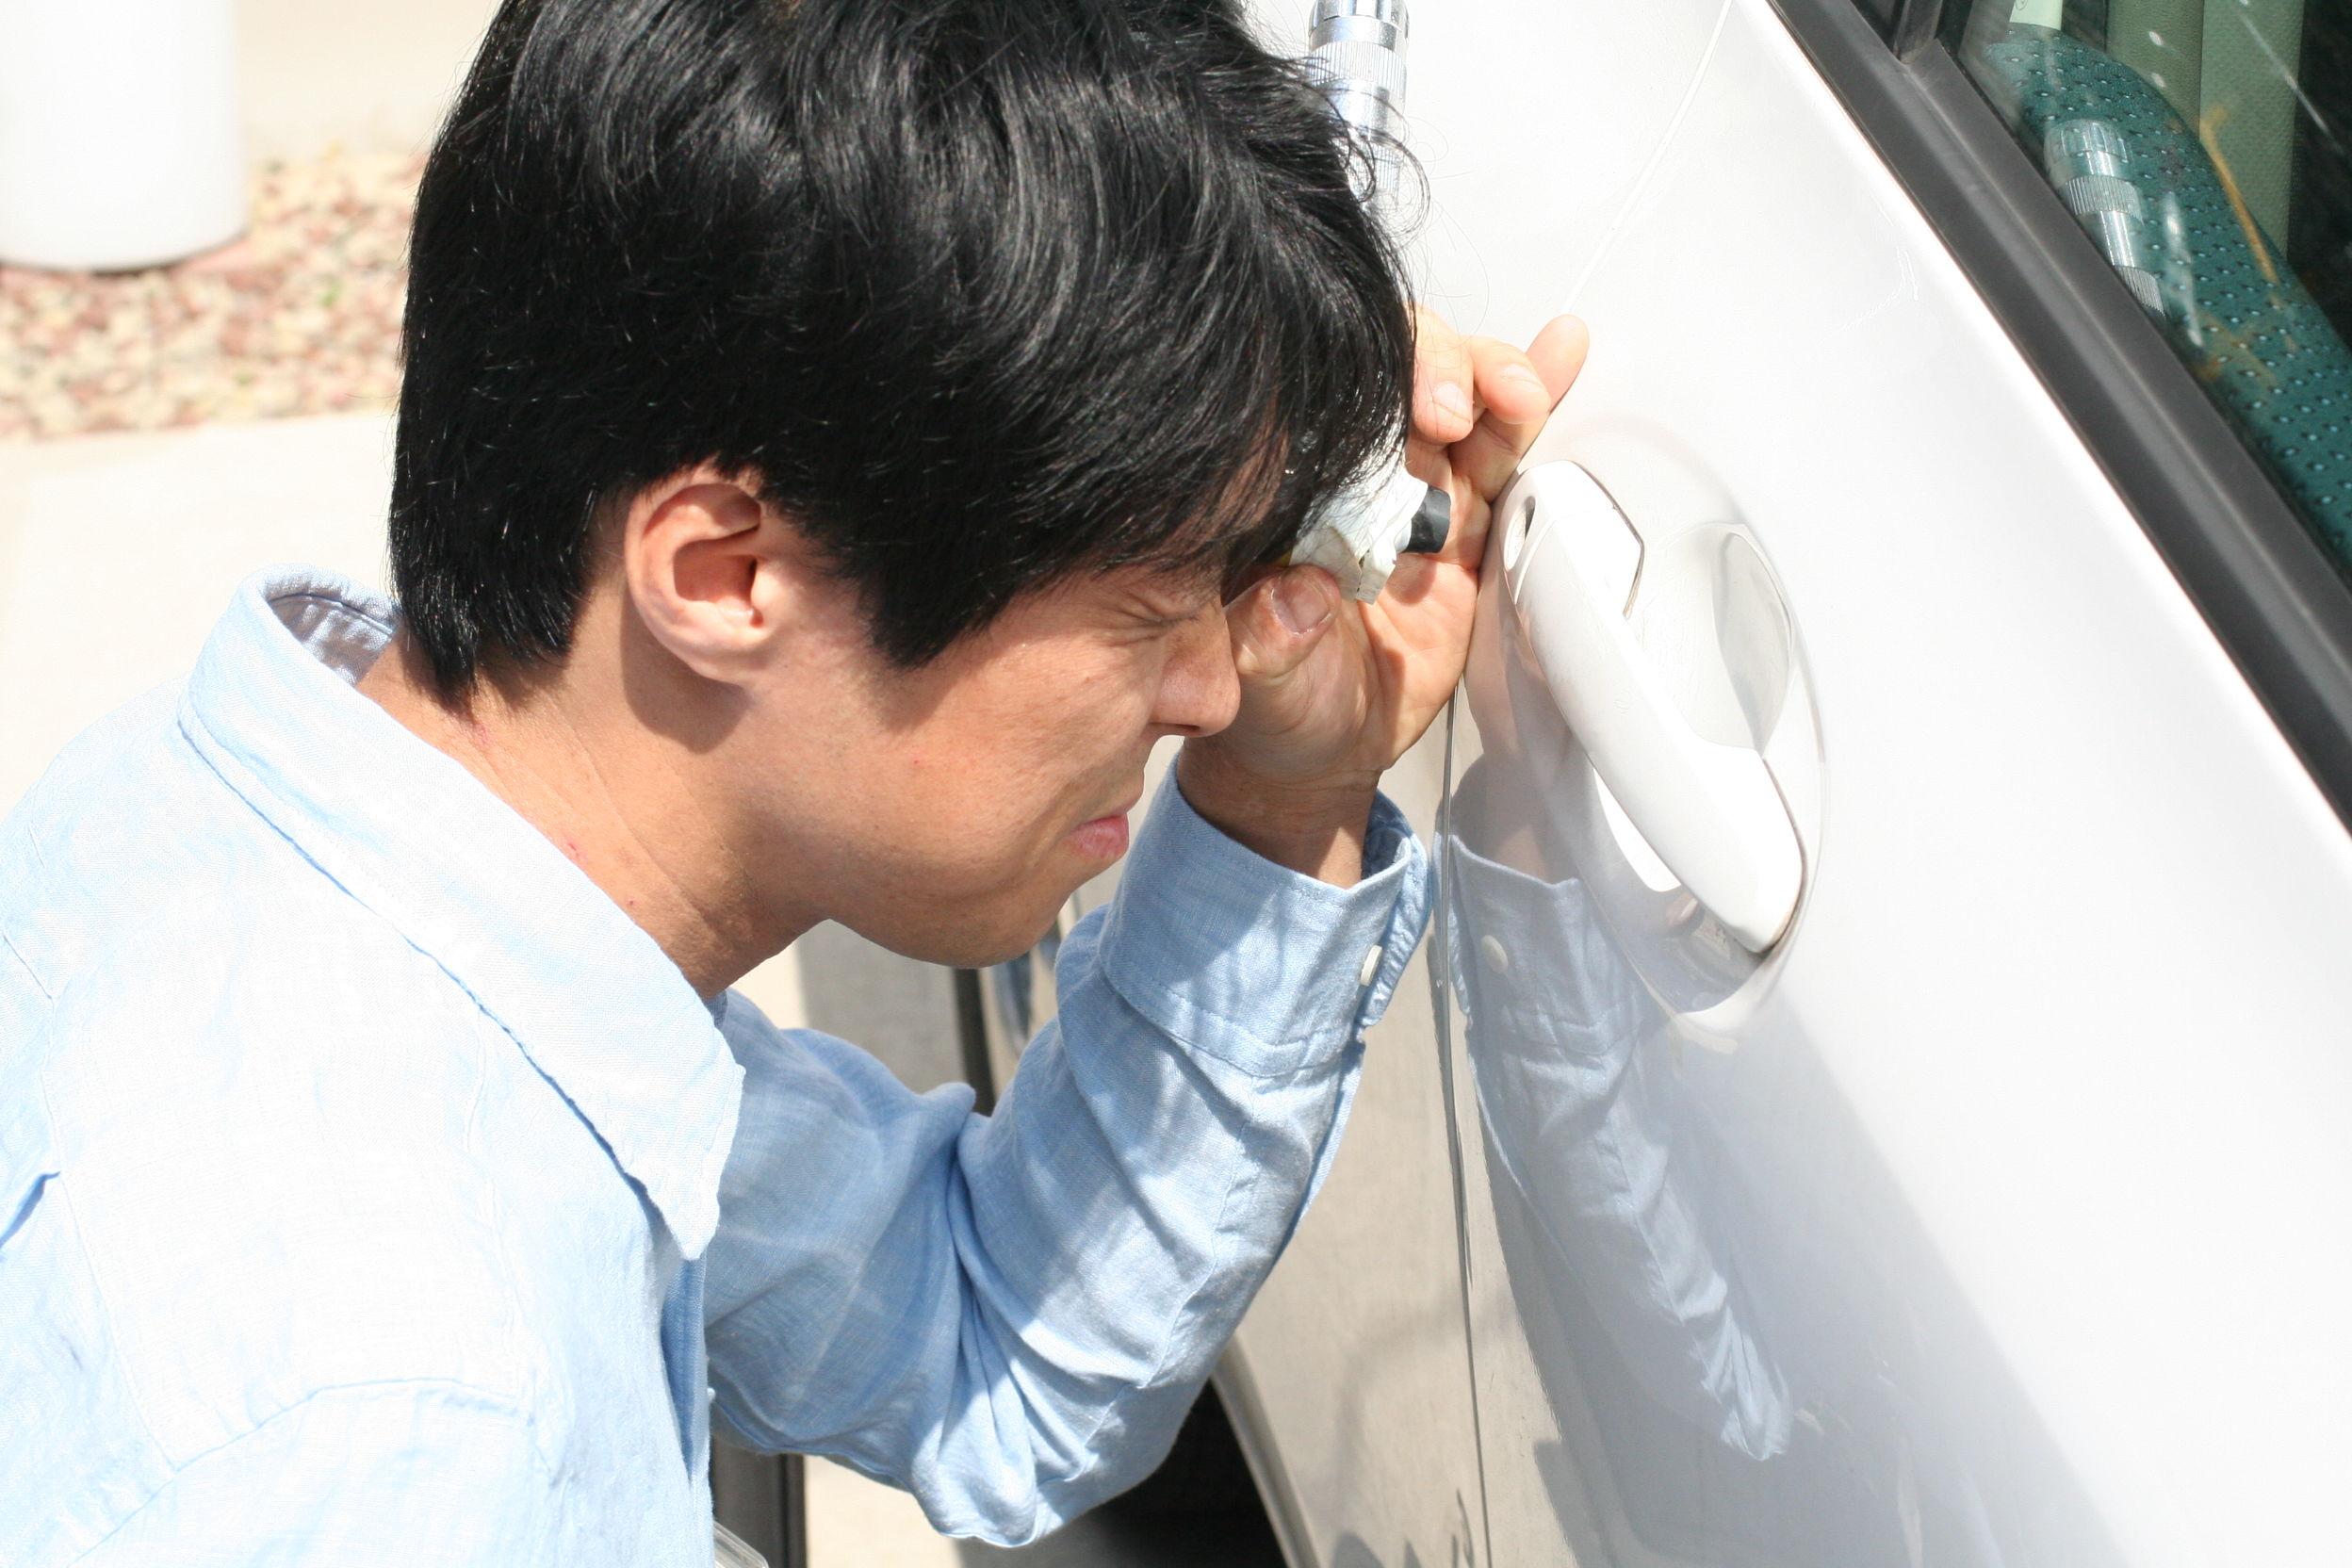 カギのトラブル救Q隊.24【那覇市 出張エリア】のメイン画像